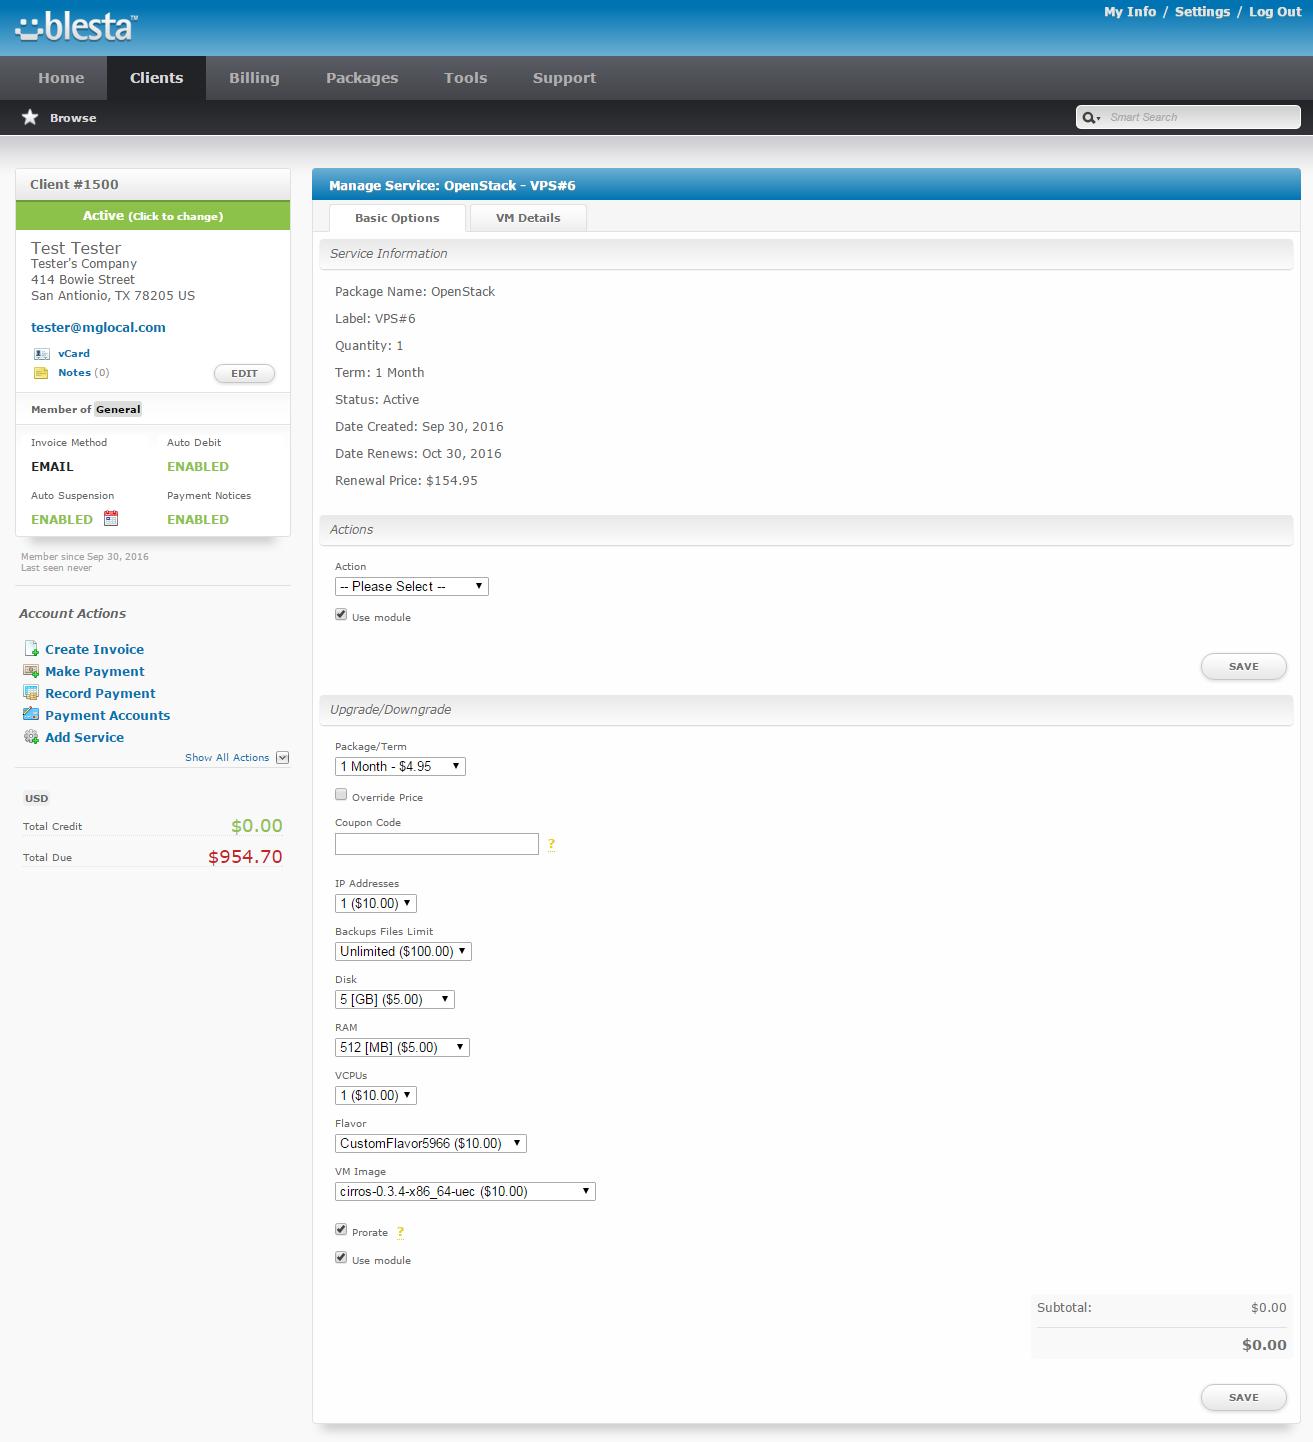 OpenStack VPS For Blesta: Screen 8